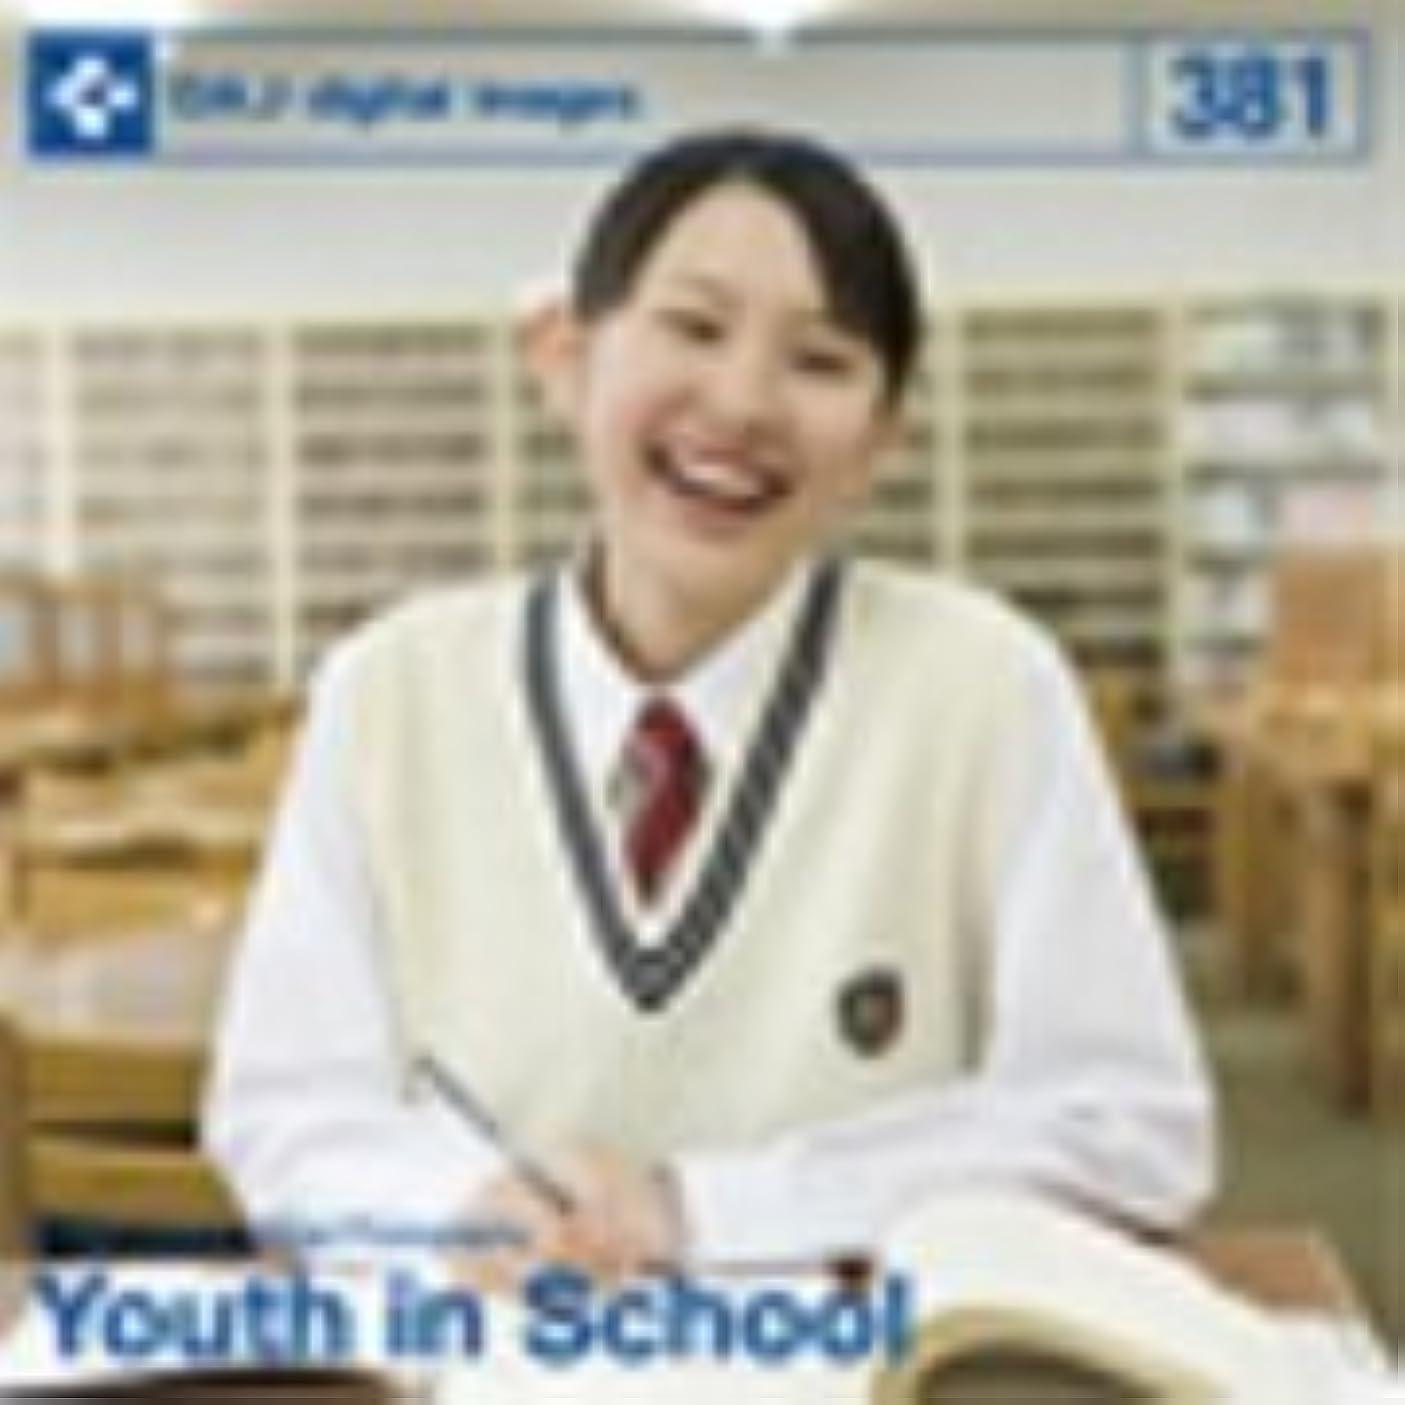 ペアアンティークに負けるDAJ 381 YOUTH IN SCHOOL